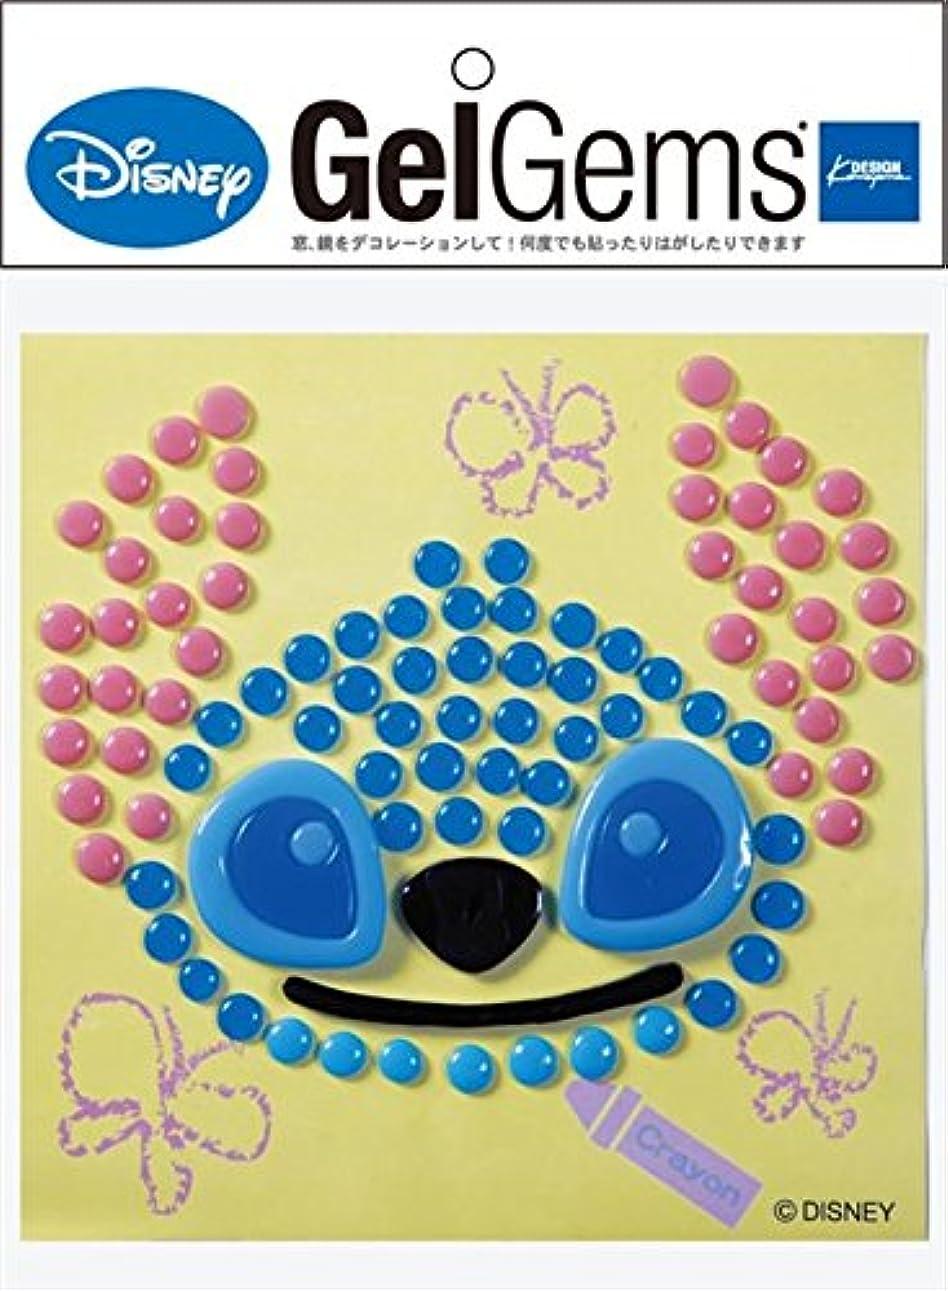 GelGems(ジェルジェム) ジェルジェムディズニーバッグS 「 スティッチドット 」 E1050055 キャンドル 200x255x5mm (E1050055)